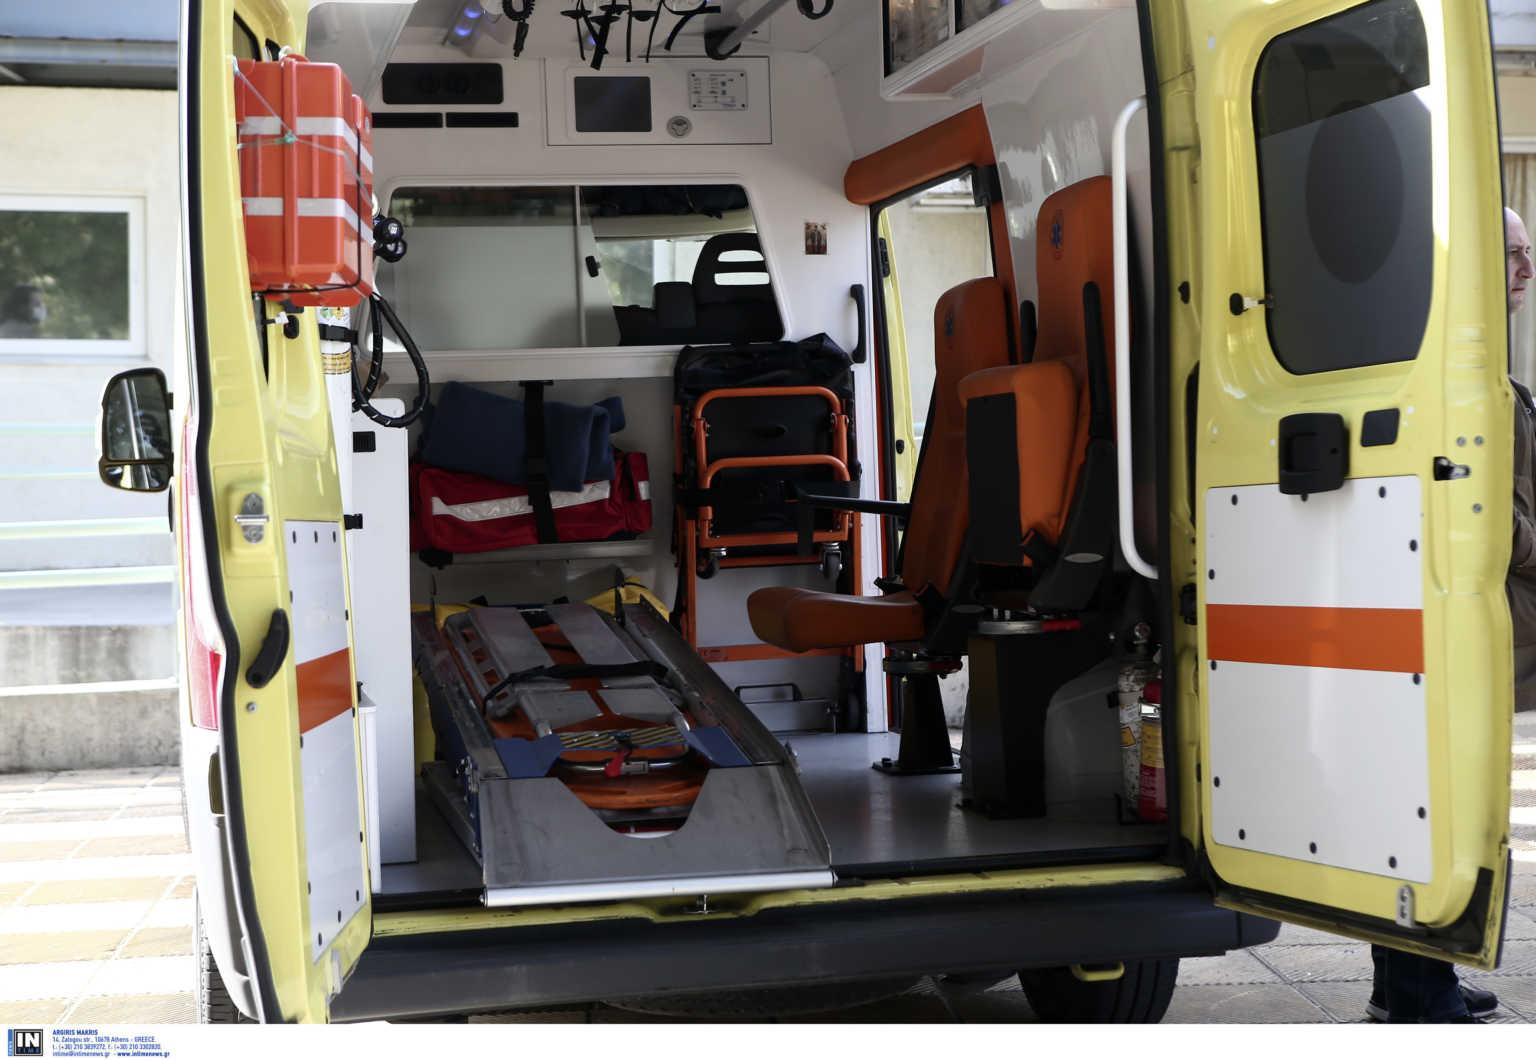 Βρέθηκε νεκρός άνδρας σε ρέμα στον Κόκκινο Μύλο